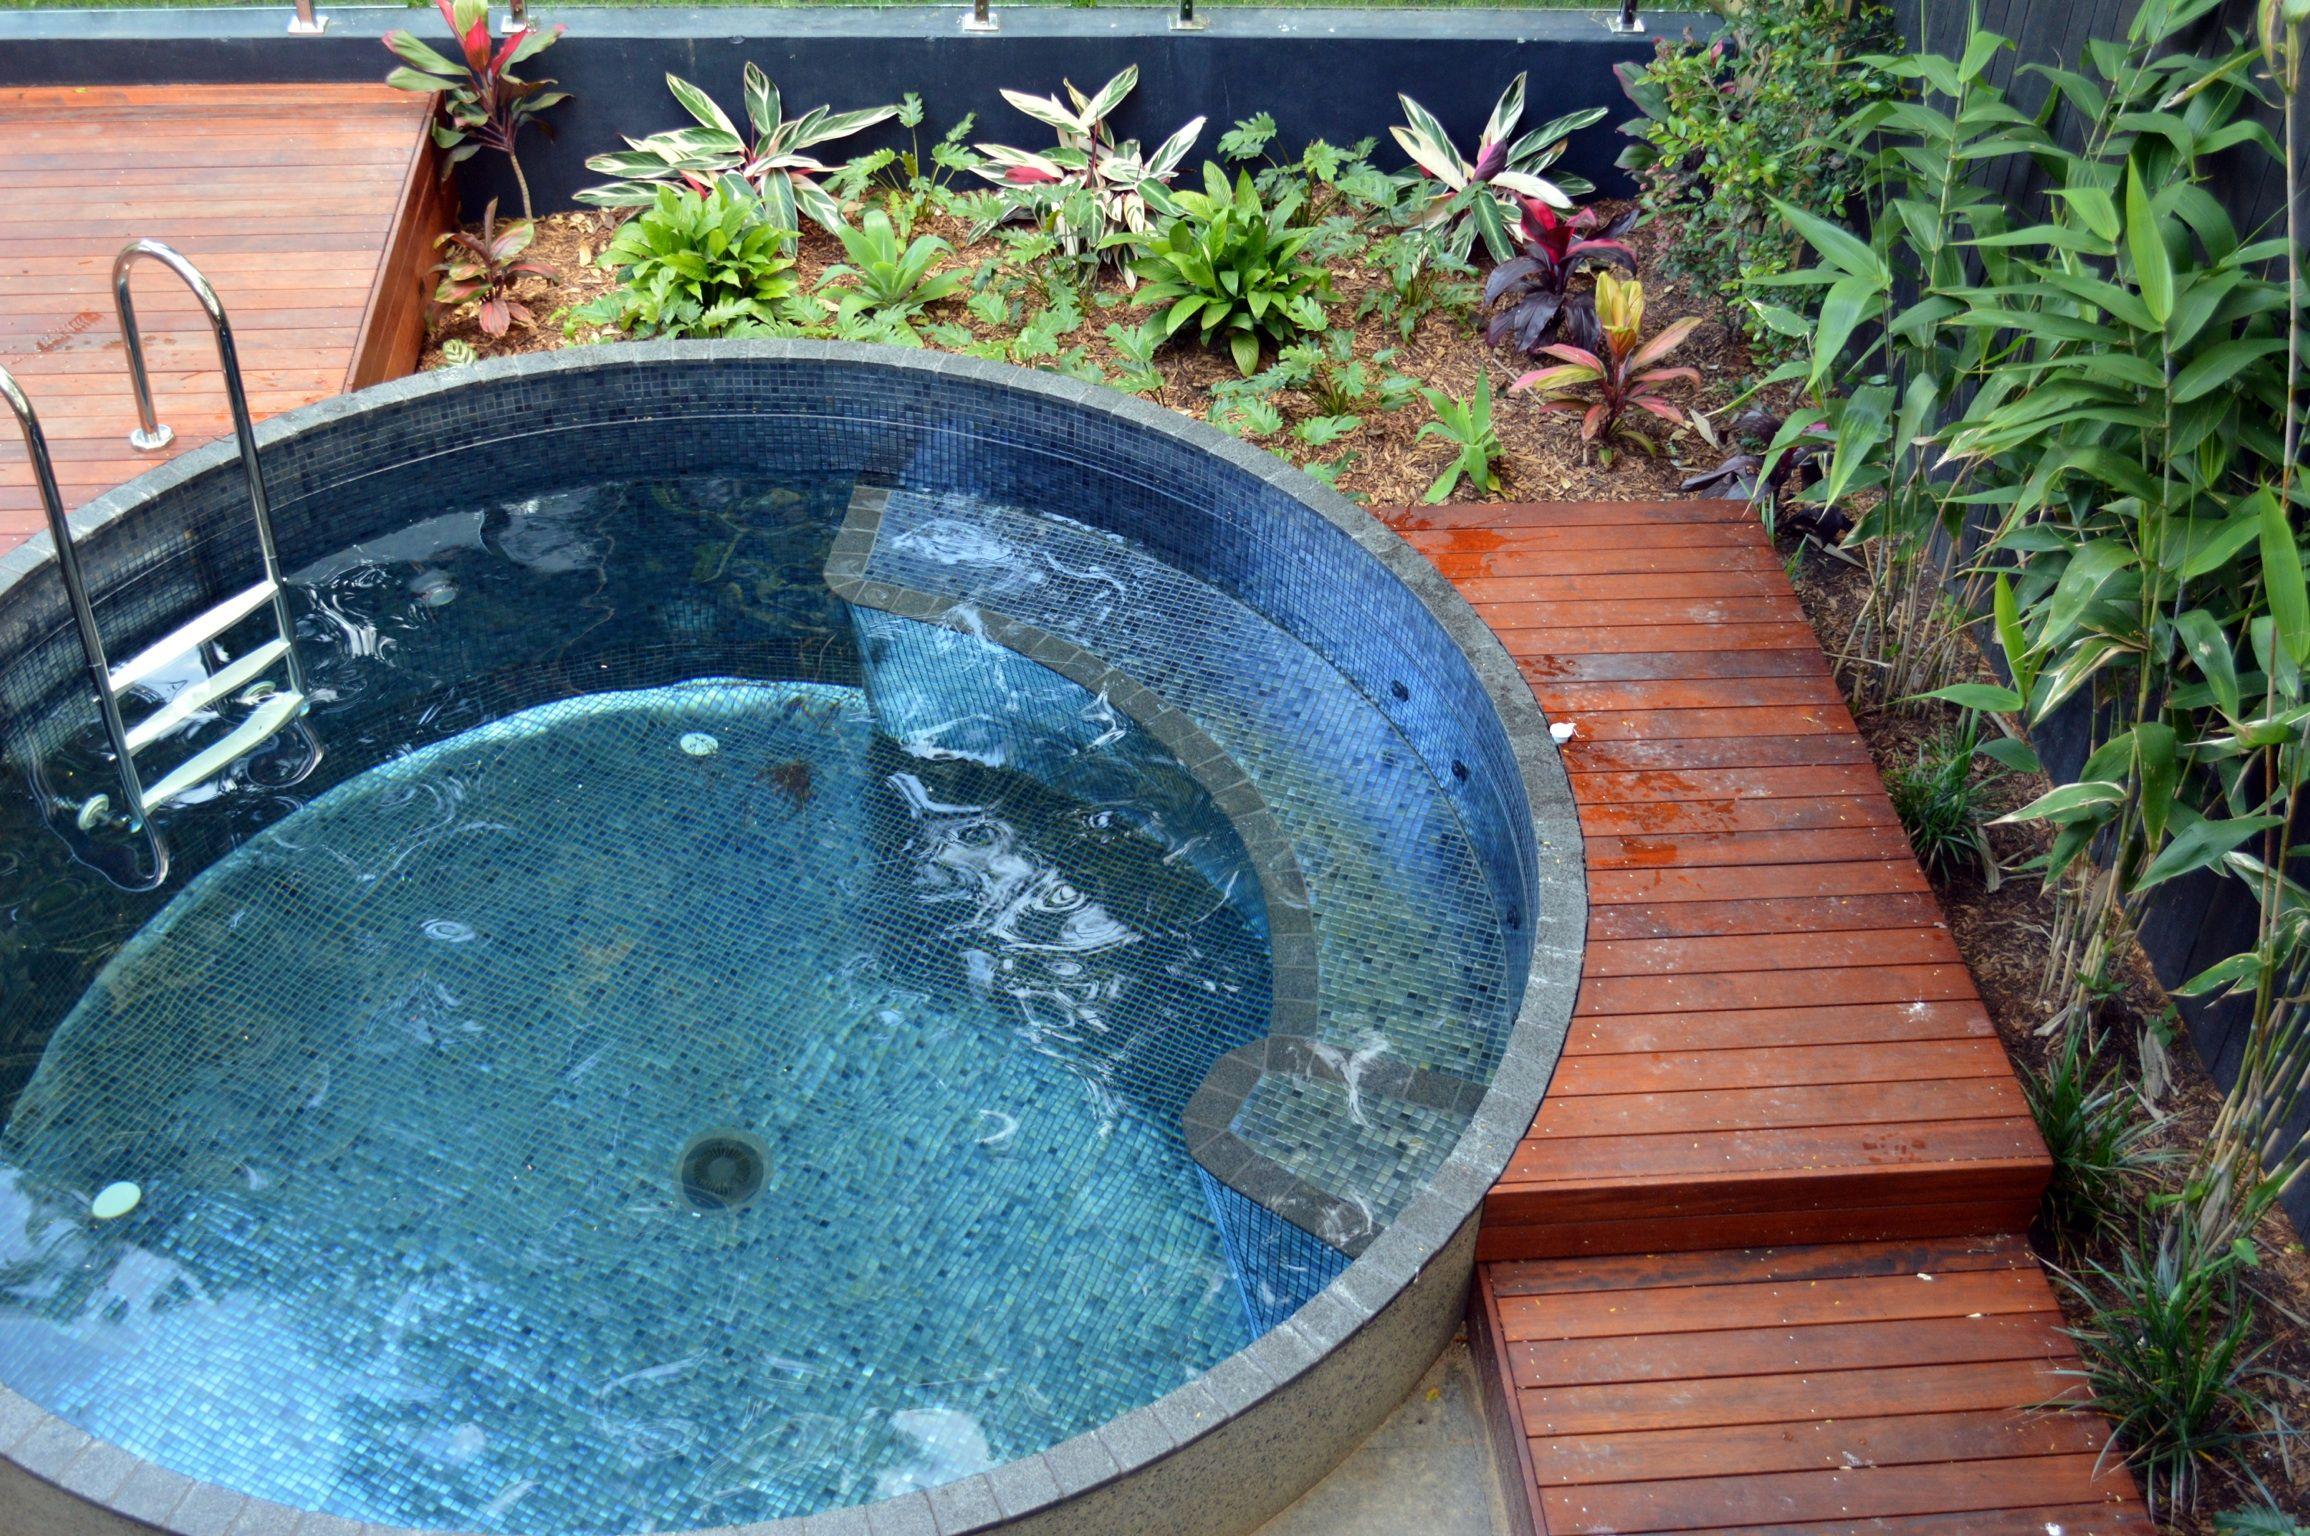 Concrete Pots Became Concrete Pools Pool Pinterest Concrete Pool Concrete Pots And